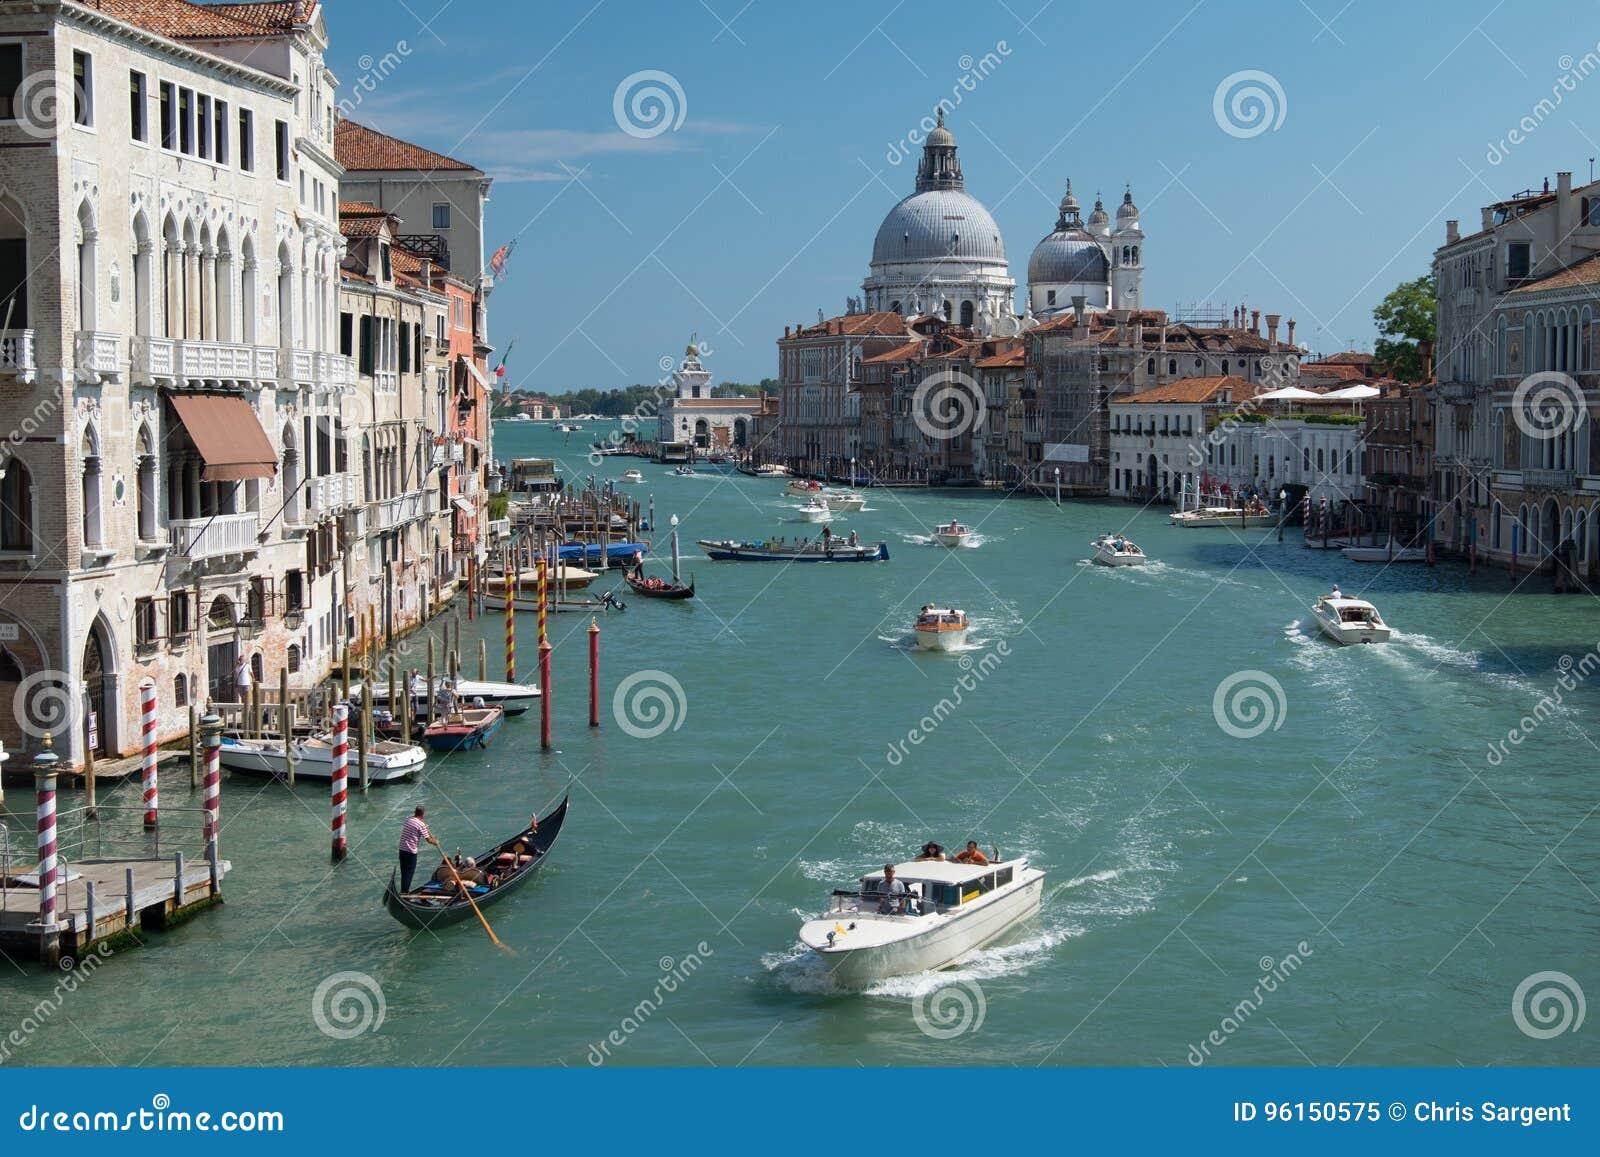 Быстро пройдите шлюпки на занятом грандиозном канале в Венеции, Италии